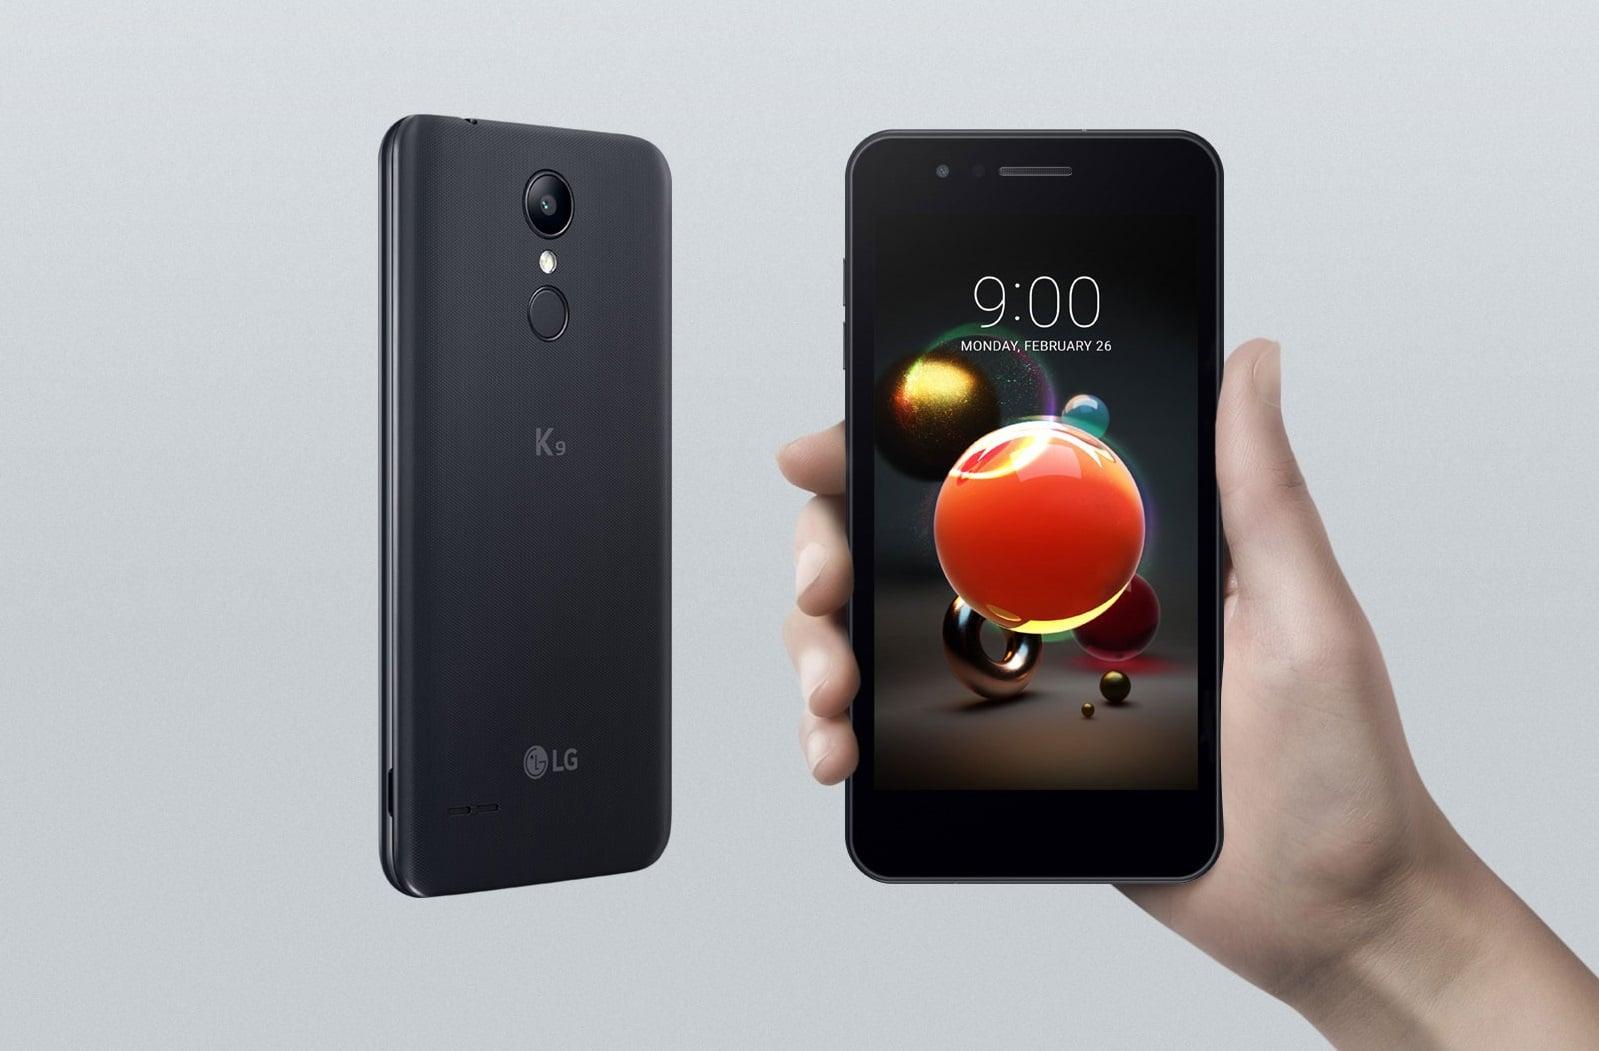 LG K9 pojawił się w pierwszym polskim sklepie. Cena astronomiczna, jak na jego specyfikację 19